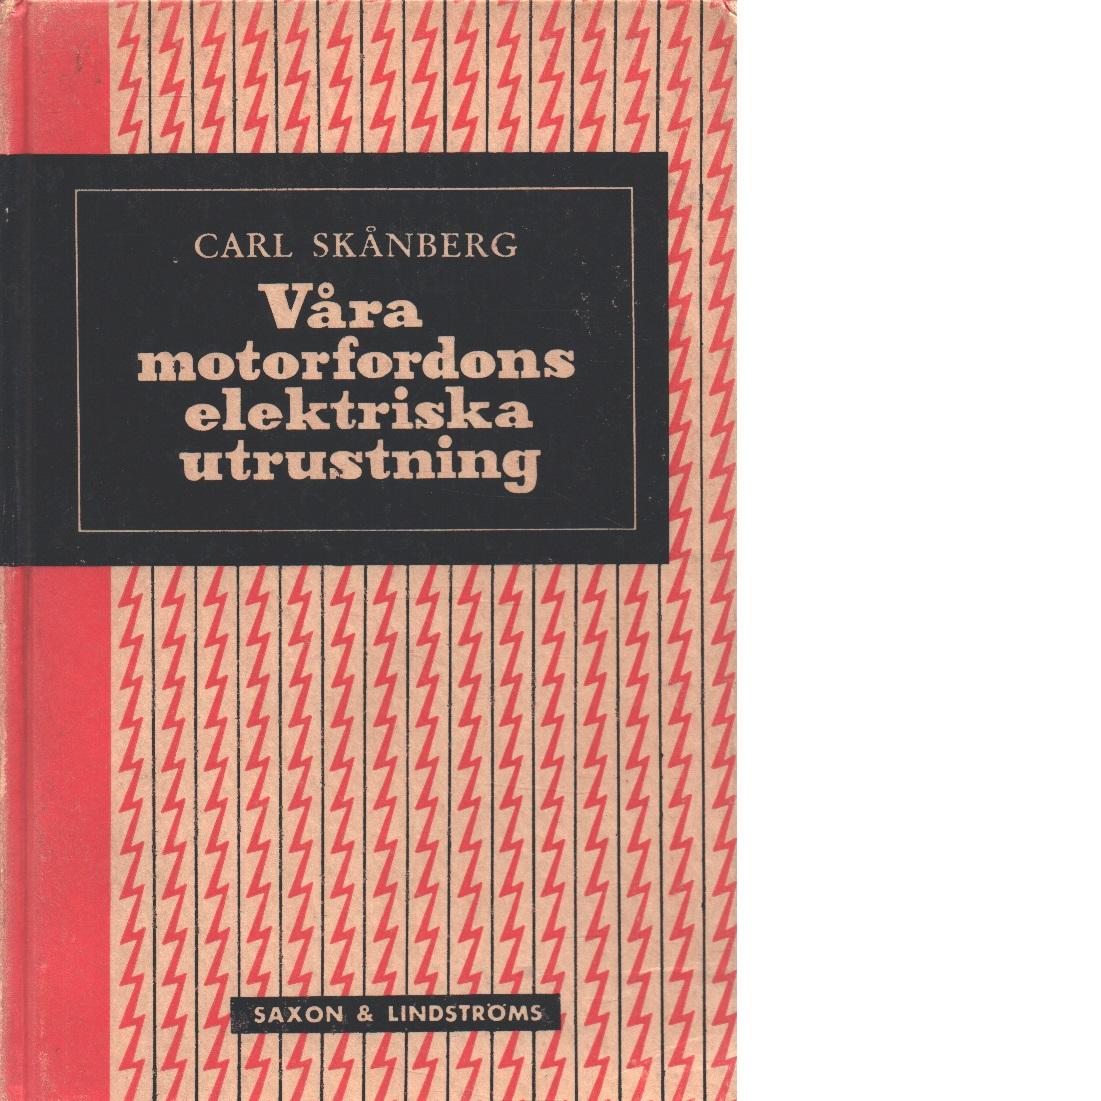 Våra motorfordons elektriska utrustning - Skånberg, Carl